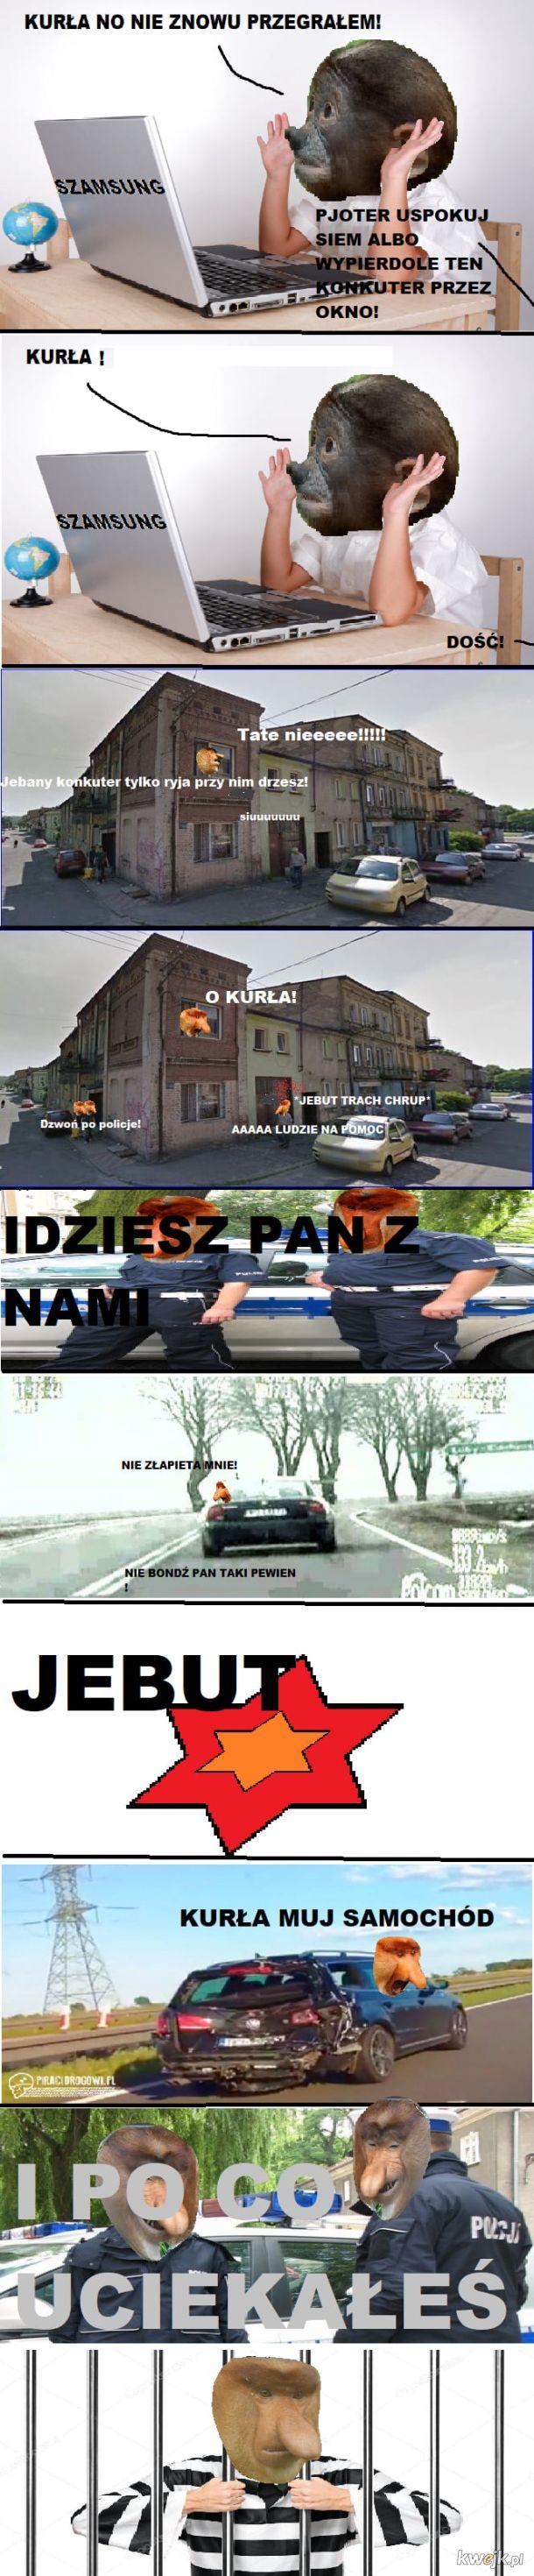 Janusz Przestępca